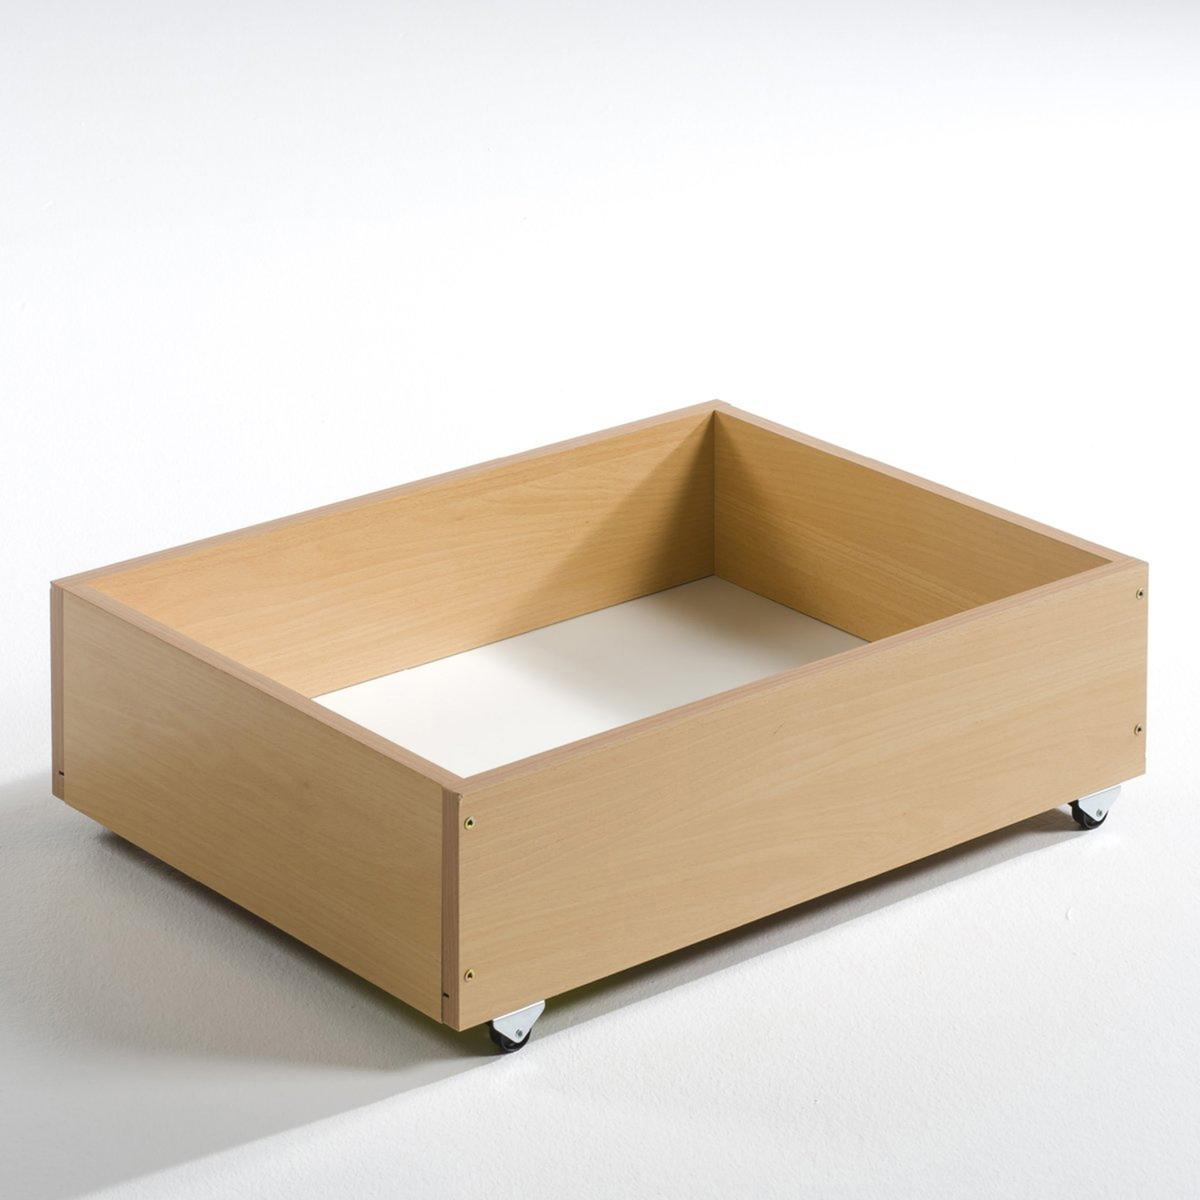 Ящик для хранения BZ 90 см, из букаОписание:Ящик для хранения BZ из бука, 90 см : специально создан для удобного хранения под диваном BZ и экипирован колесами. Сделано в Европе..Размеры ящика для хранения под диваном BZ : •  Высота : 13 см. •  Глубина : 56 см. •  Ширина : 41 см.Описание ящика для хранения под диваном BZ : •  Специально создан для удобного хранения под диваном BZ и оснащён колесами.Характеристики ящика для хранения под диваном BZ : •  Выполнен из ДСП.Другие модели коллекции диванов-книжки вы можете найти на сайте laredoute.ruРазмеры и вес упаковки : •  1 коробка •  Ш73 x В3,5 x Г61 см, 5 кгДоставка:Ящик для хранения продаётся в разобранном виде. Доставка на этаж по предварительной договоренности ! Внимание! Убедитесь в том, что товар возможно доставить на дом, учитывая его габариты (проходит в двери, по лестницам, в лифты).:.<br><br>Цвет: светлое дерево бук